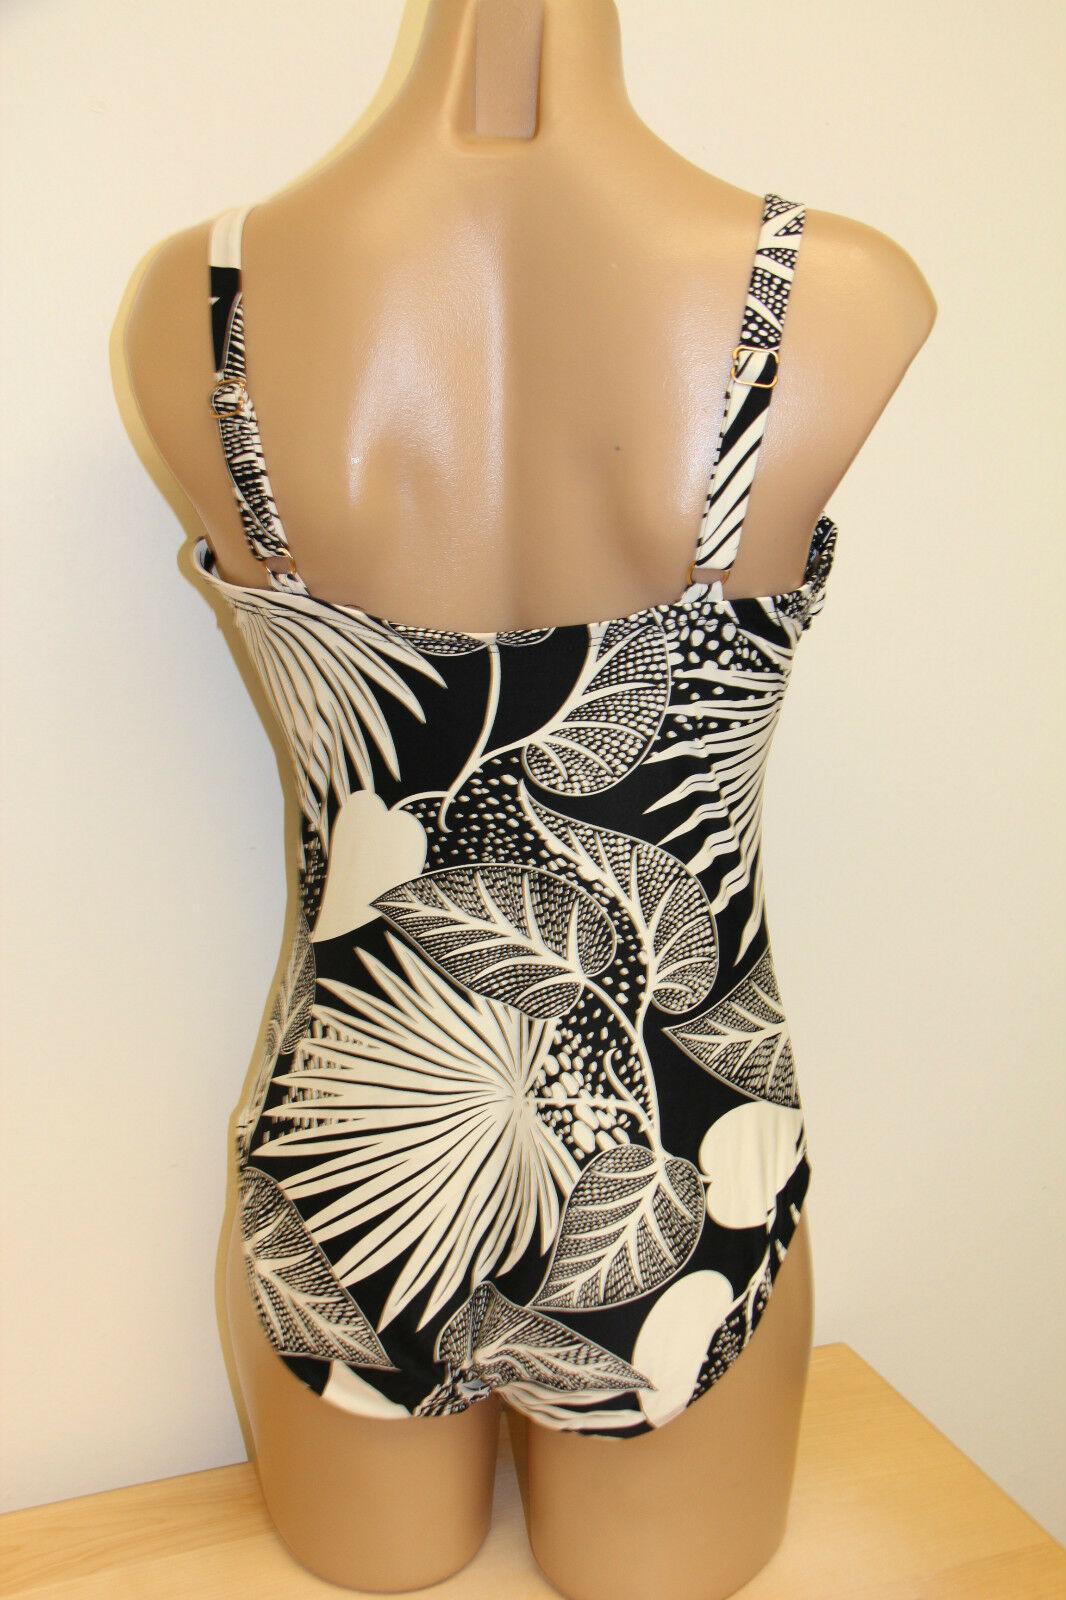 New Coco Reef Swimsuit Bikini 1 piece Sz 36C Underwire